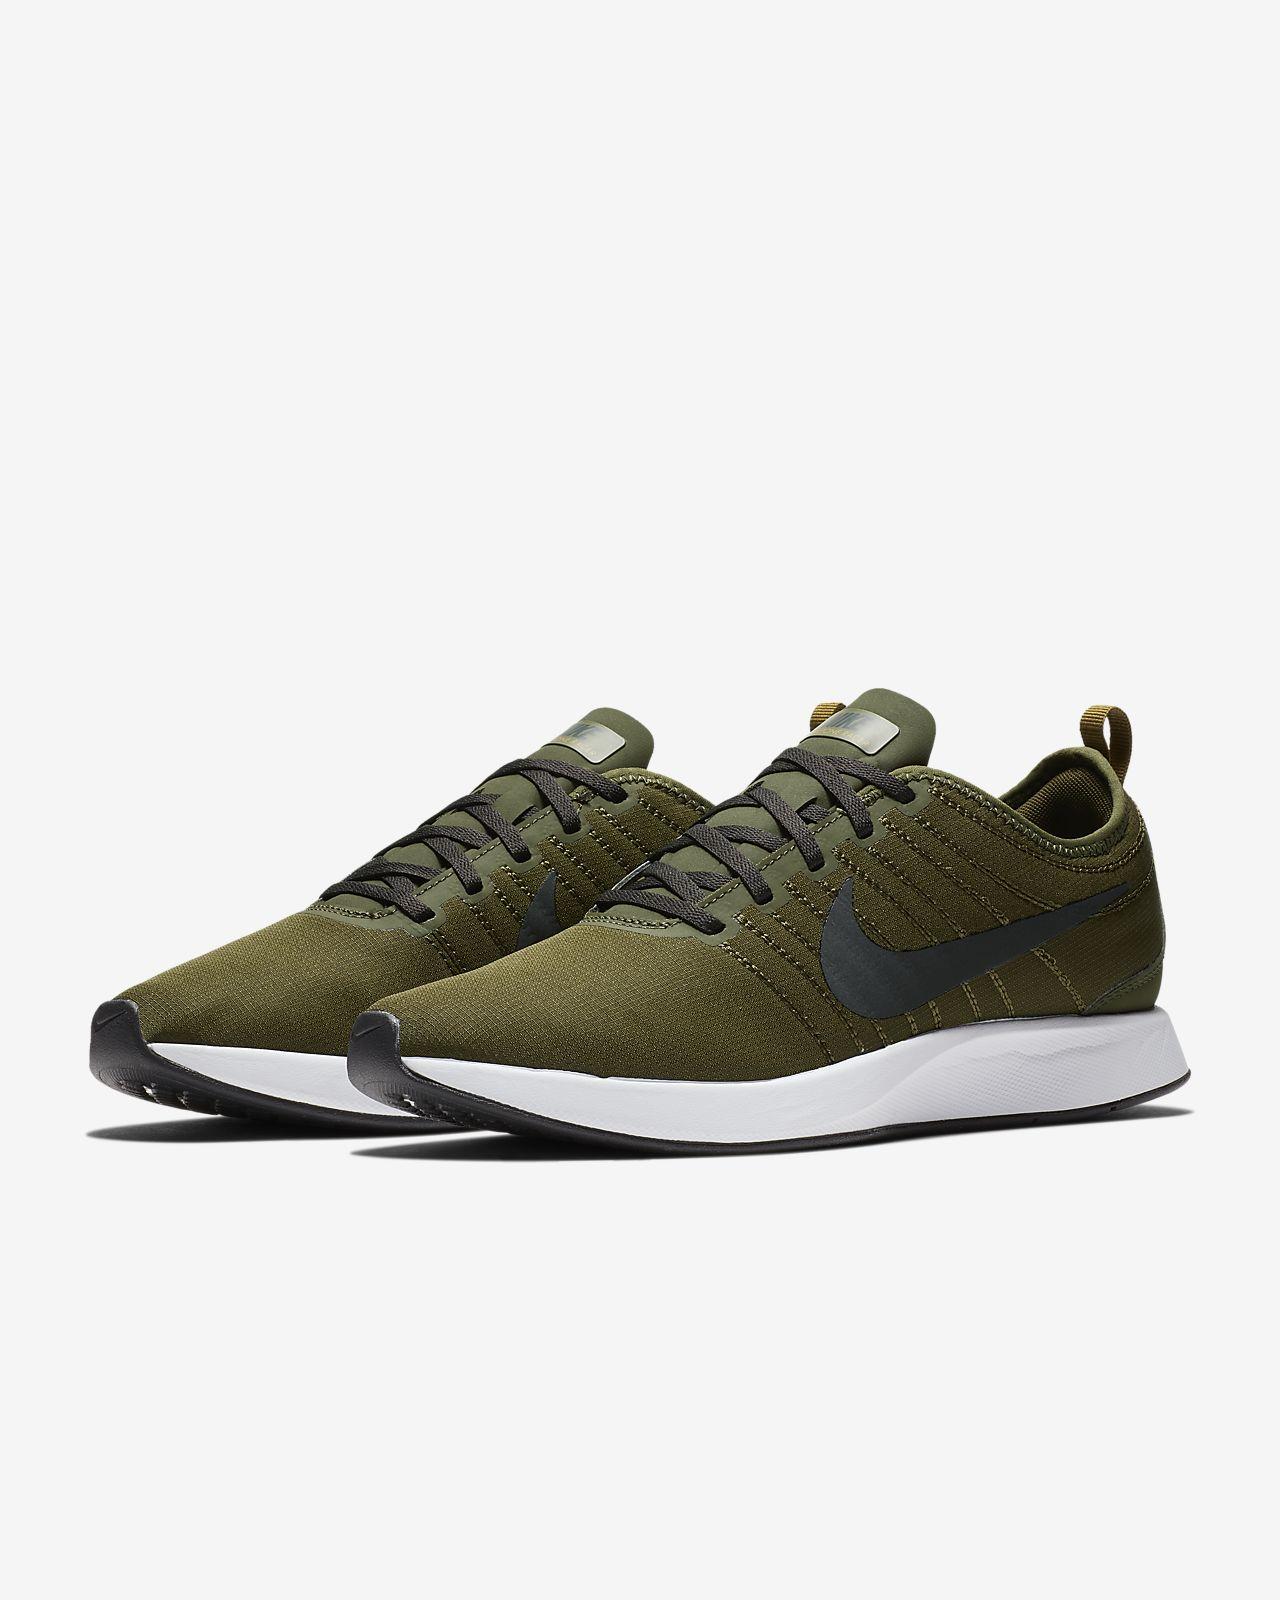 premium selection 9b52d 4179a ... Chaussure Nike Dualtone Racer pour Homme